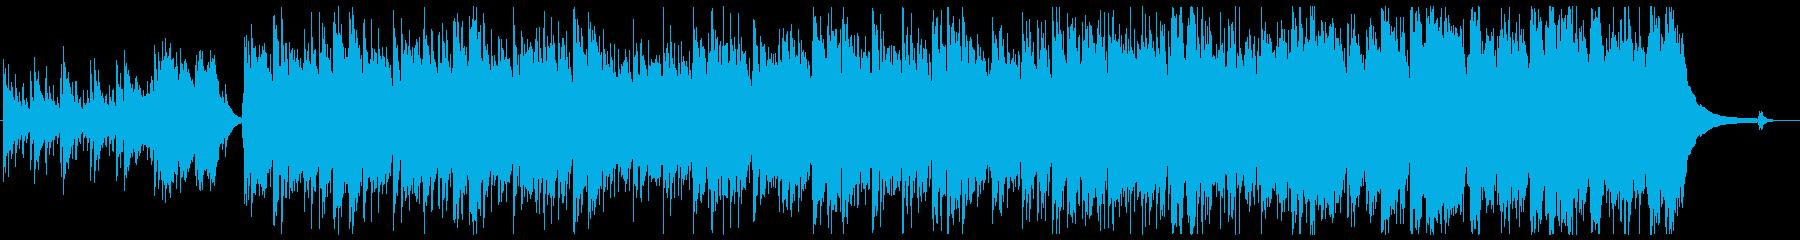 星のピアノの再生済みの波形